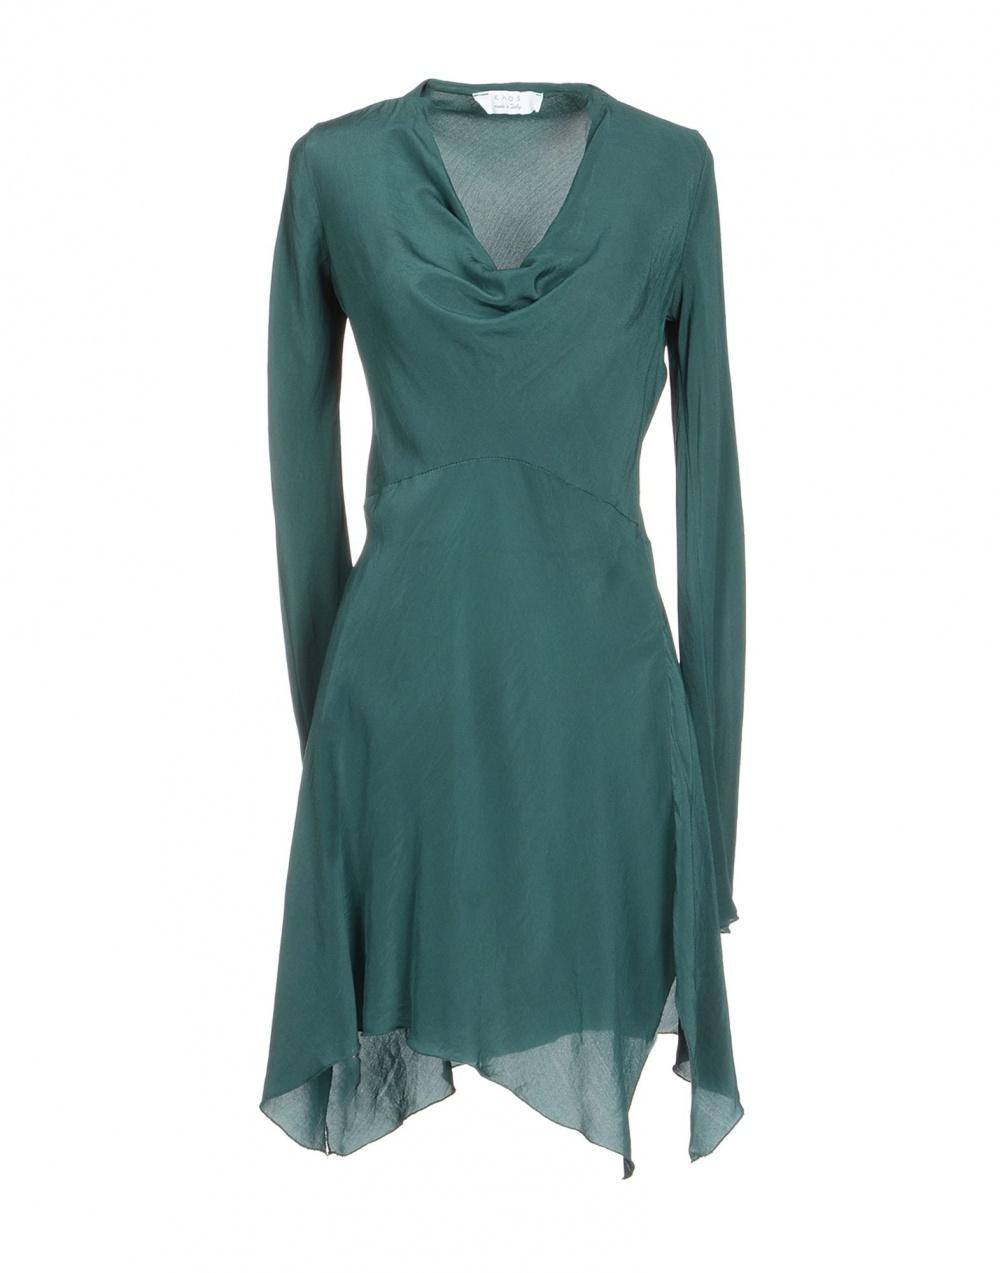 Шелковое короткое платье-туника, изумрудно-зеленое, S-M, Италия